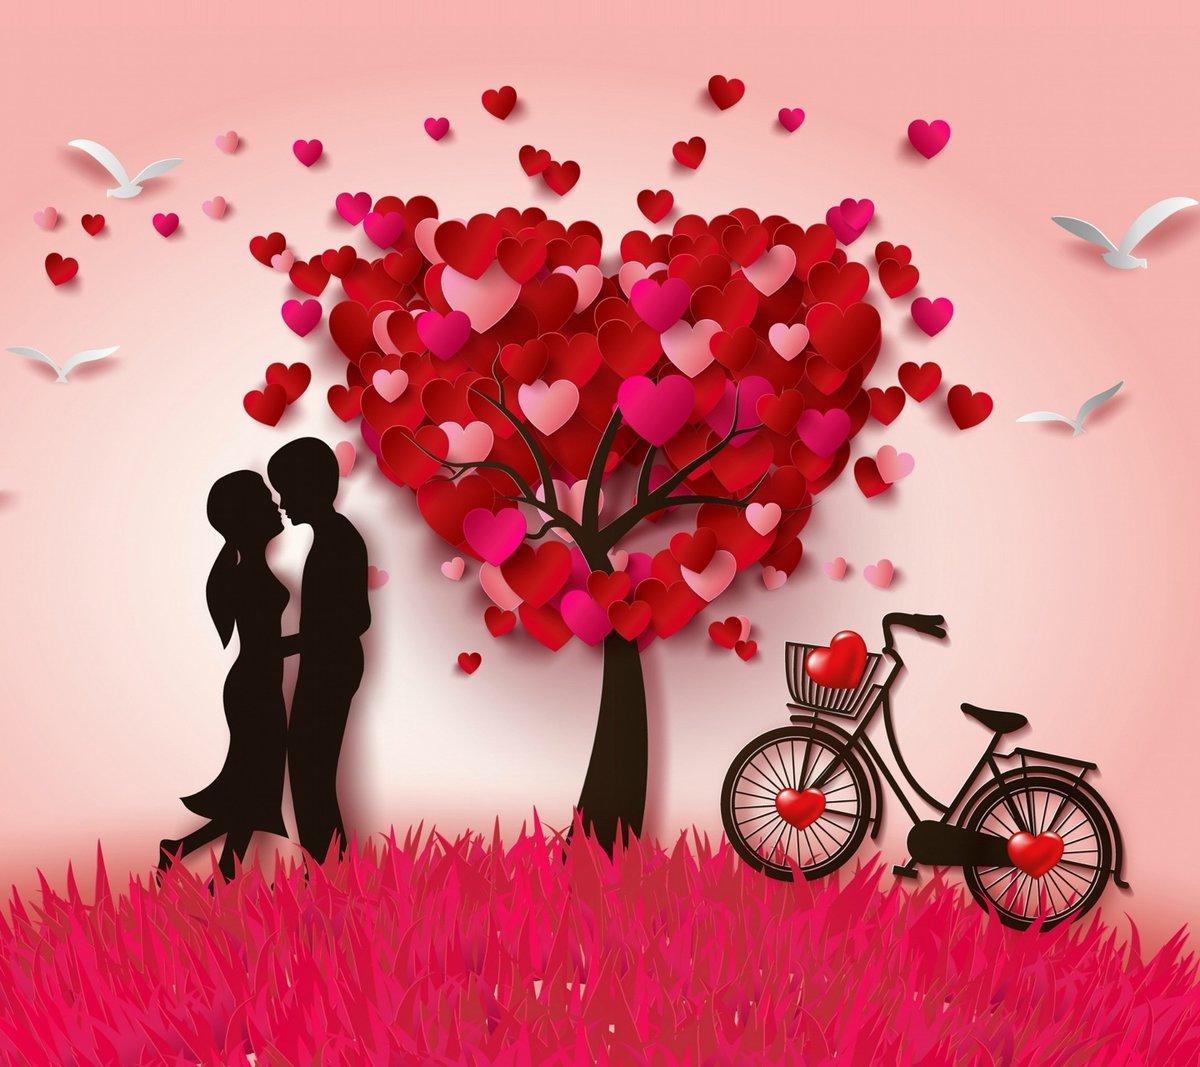 Романтические картинки о любви с надписями мужу, картинка подруге марта